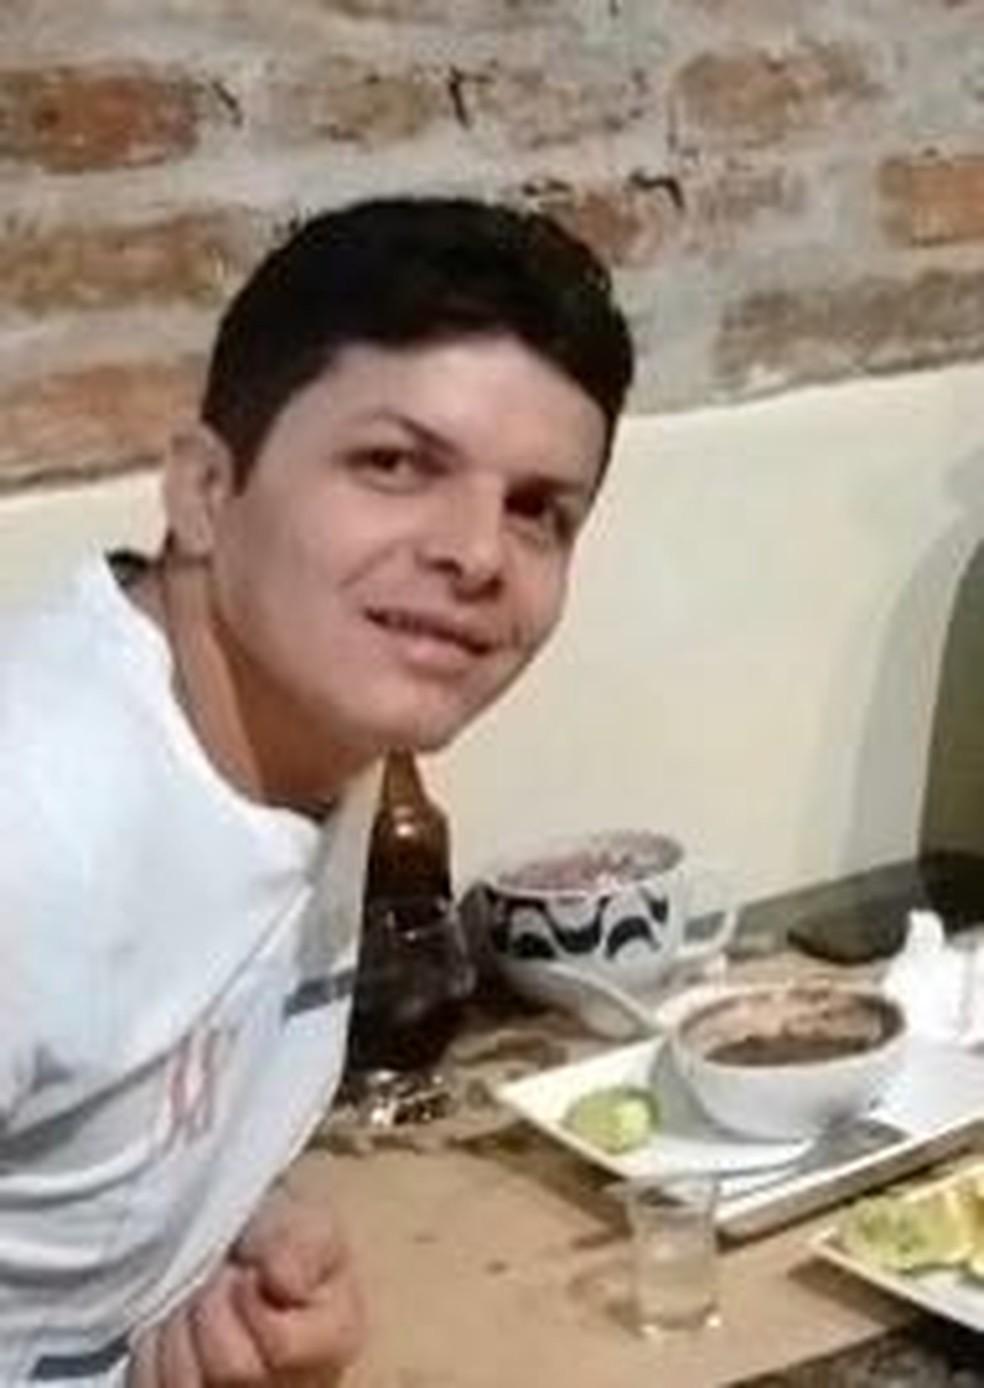 Competidor de sinuca foi morto em ação policial (Foto: Arquivo pessoal)